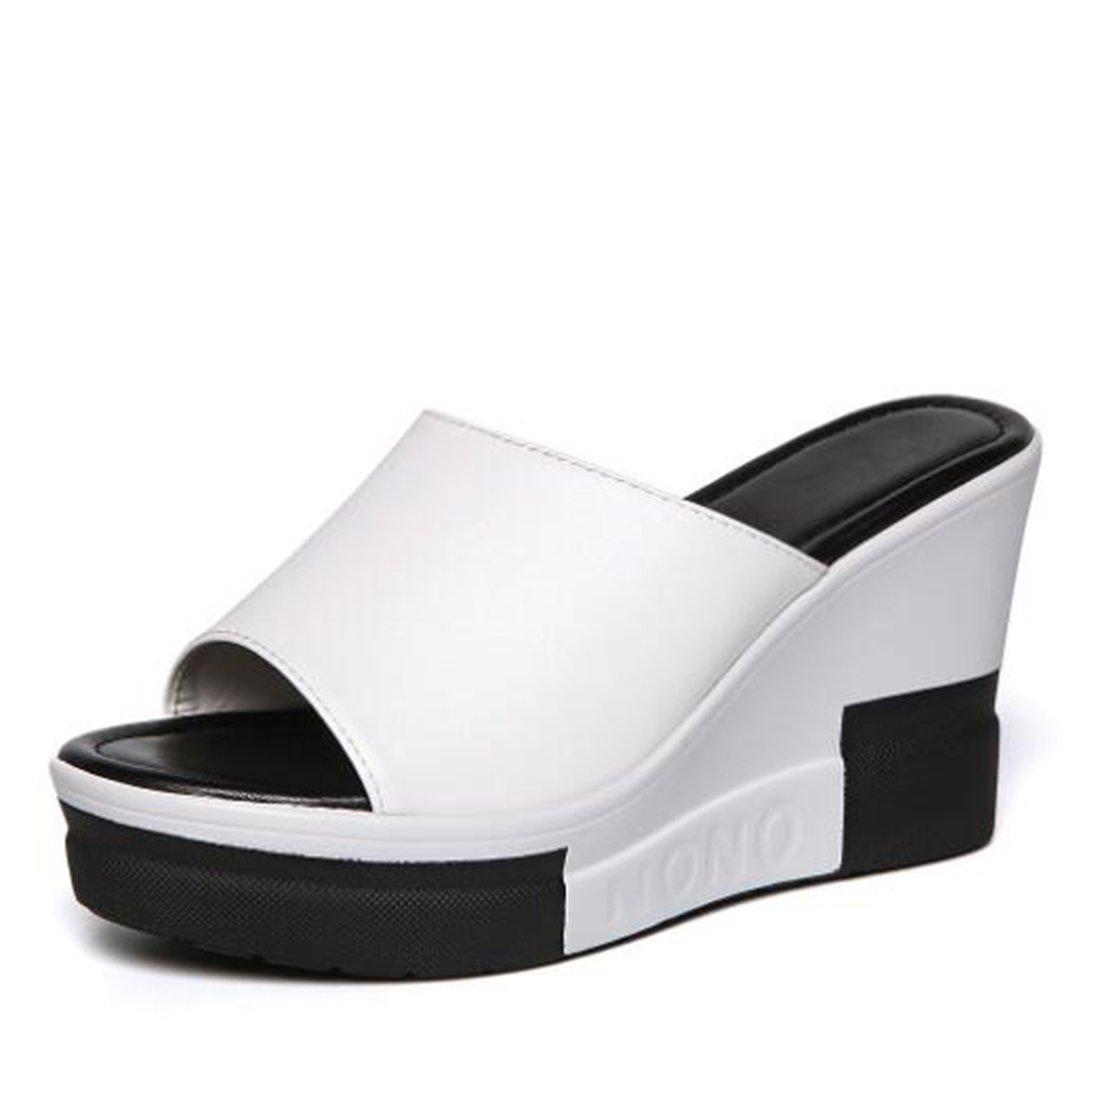 ZHONGST Damen Sommer Sandalen Wedges Sandalen  Hausschuhe Fashion Platform Sandalen  35 EU|White